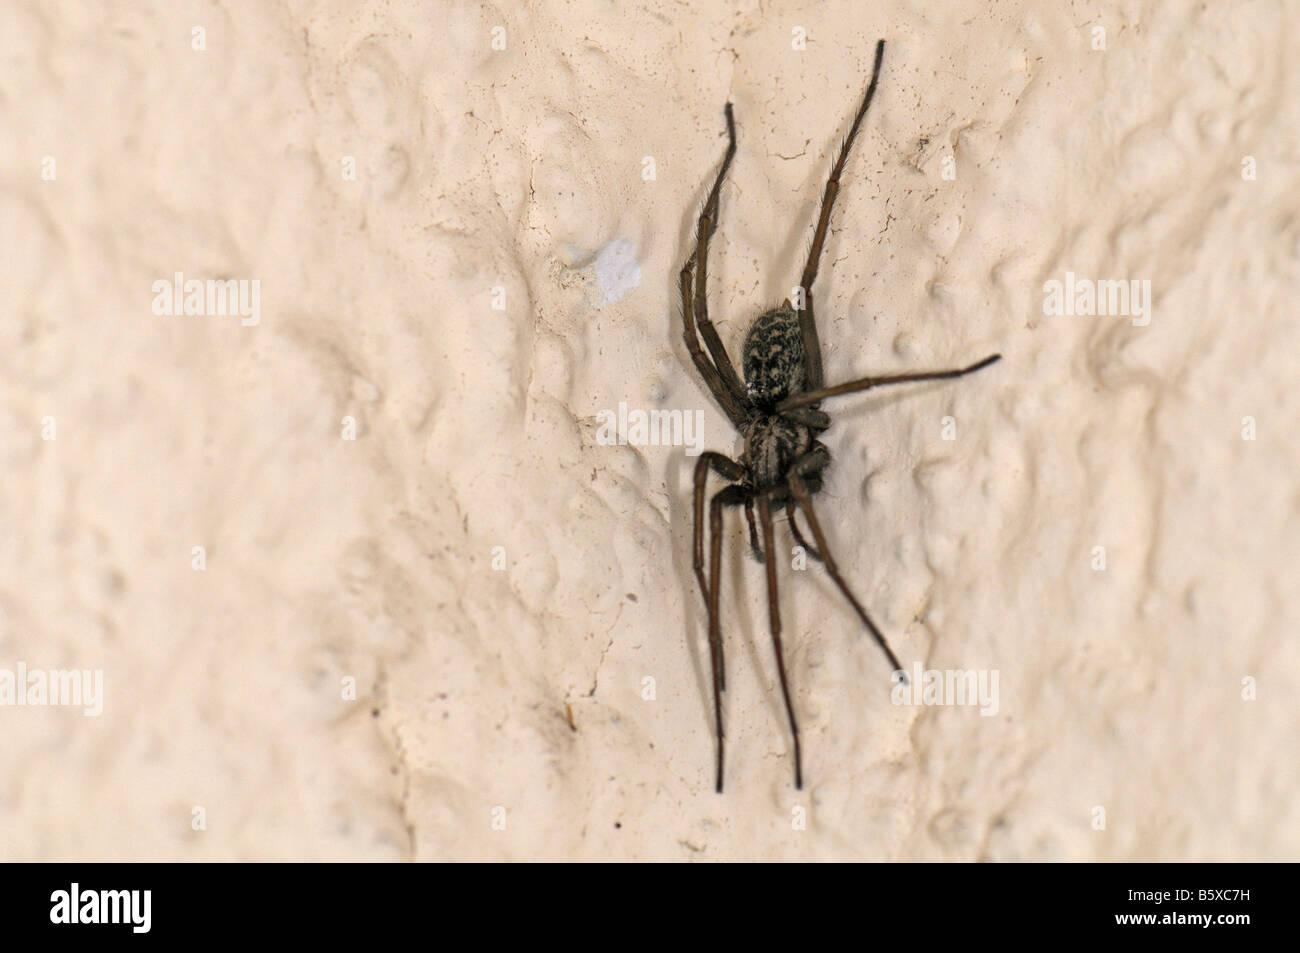 Giant European House Spider (Tegenaria atrica, Tegenaria gigantea) on a wall - Stock Image